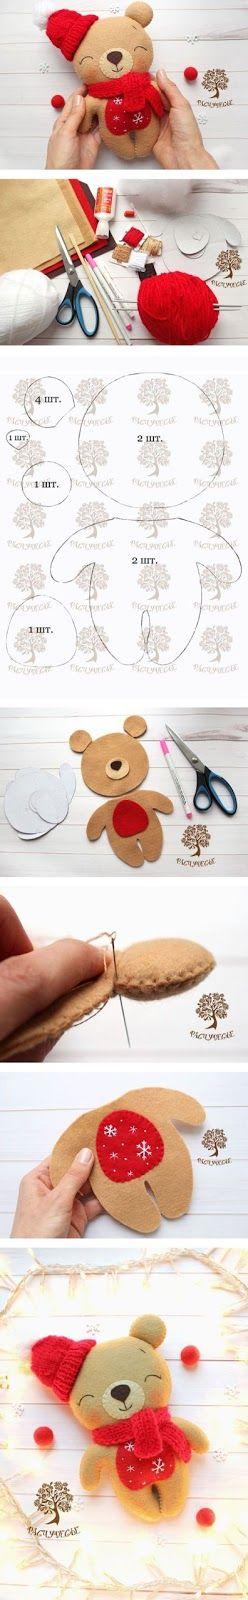 Tutoriales y DIYs: Patrón gratis y tutorial de oso con fieltro